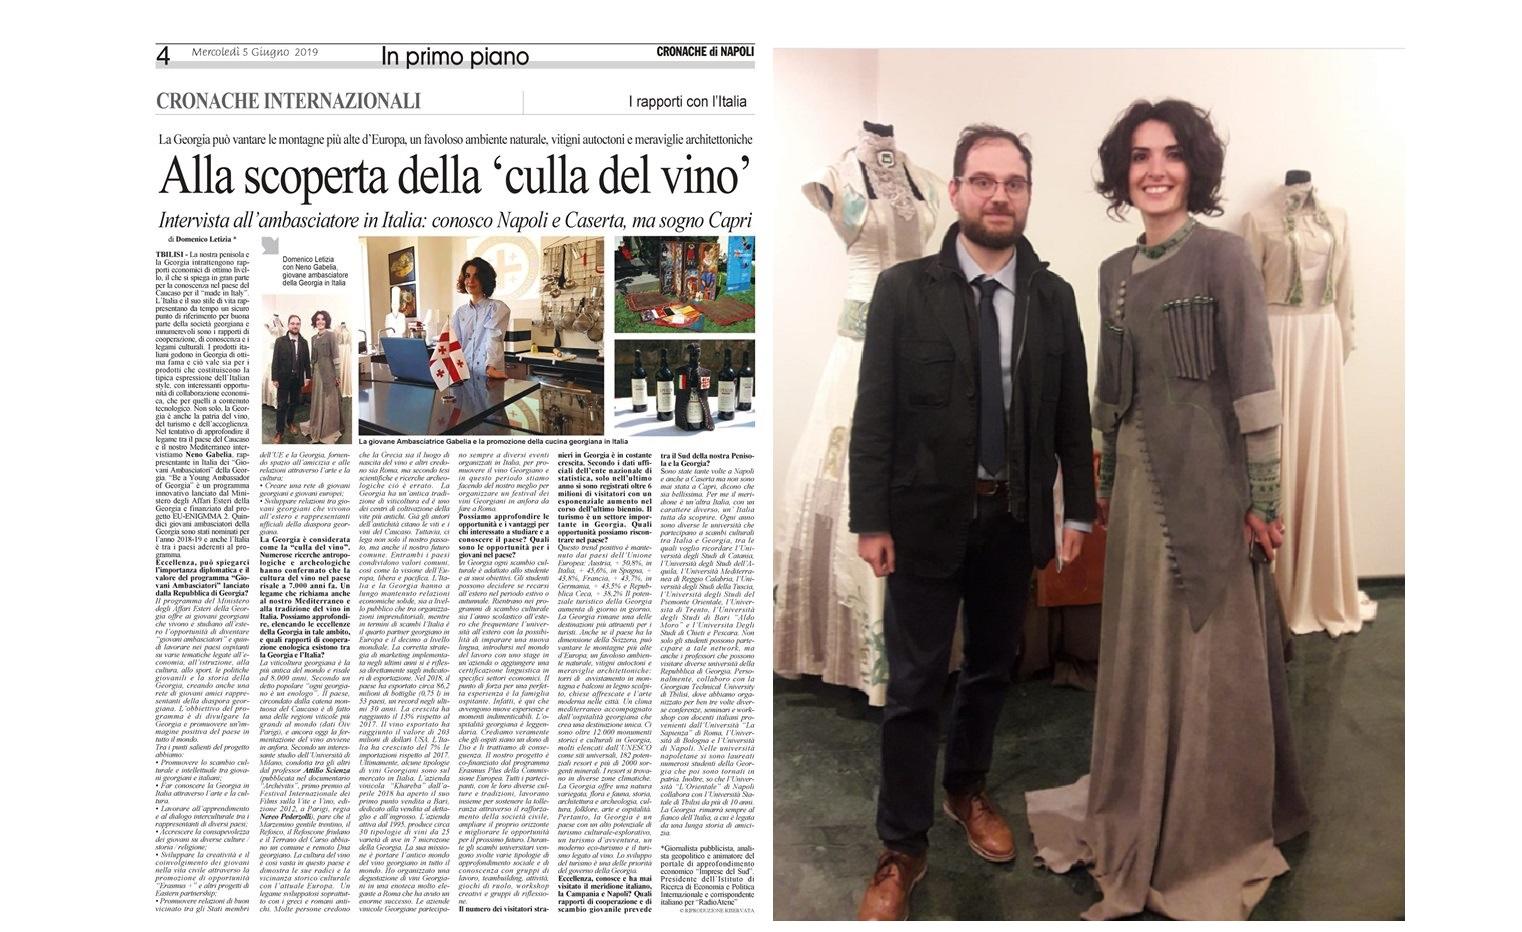 Photo of რაზე ისაუბრა საქართველოს ახალგაზრდა ელჩმა ინტერვიუში იტალიელ ჟურნალისტთან?